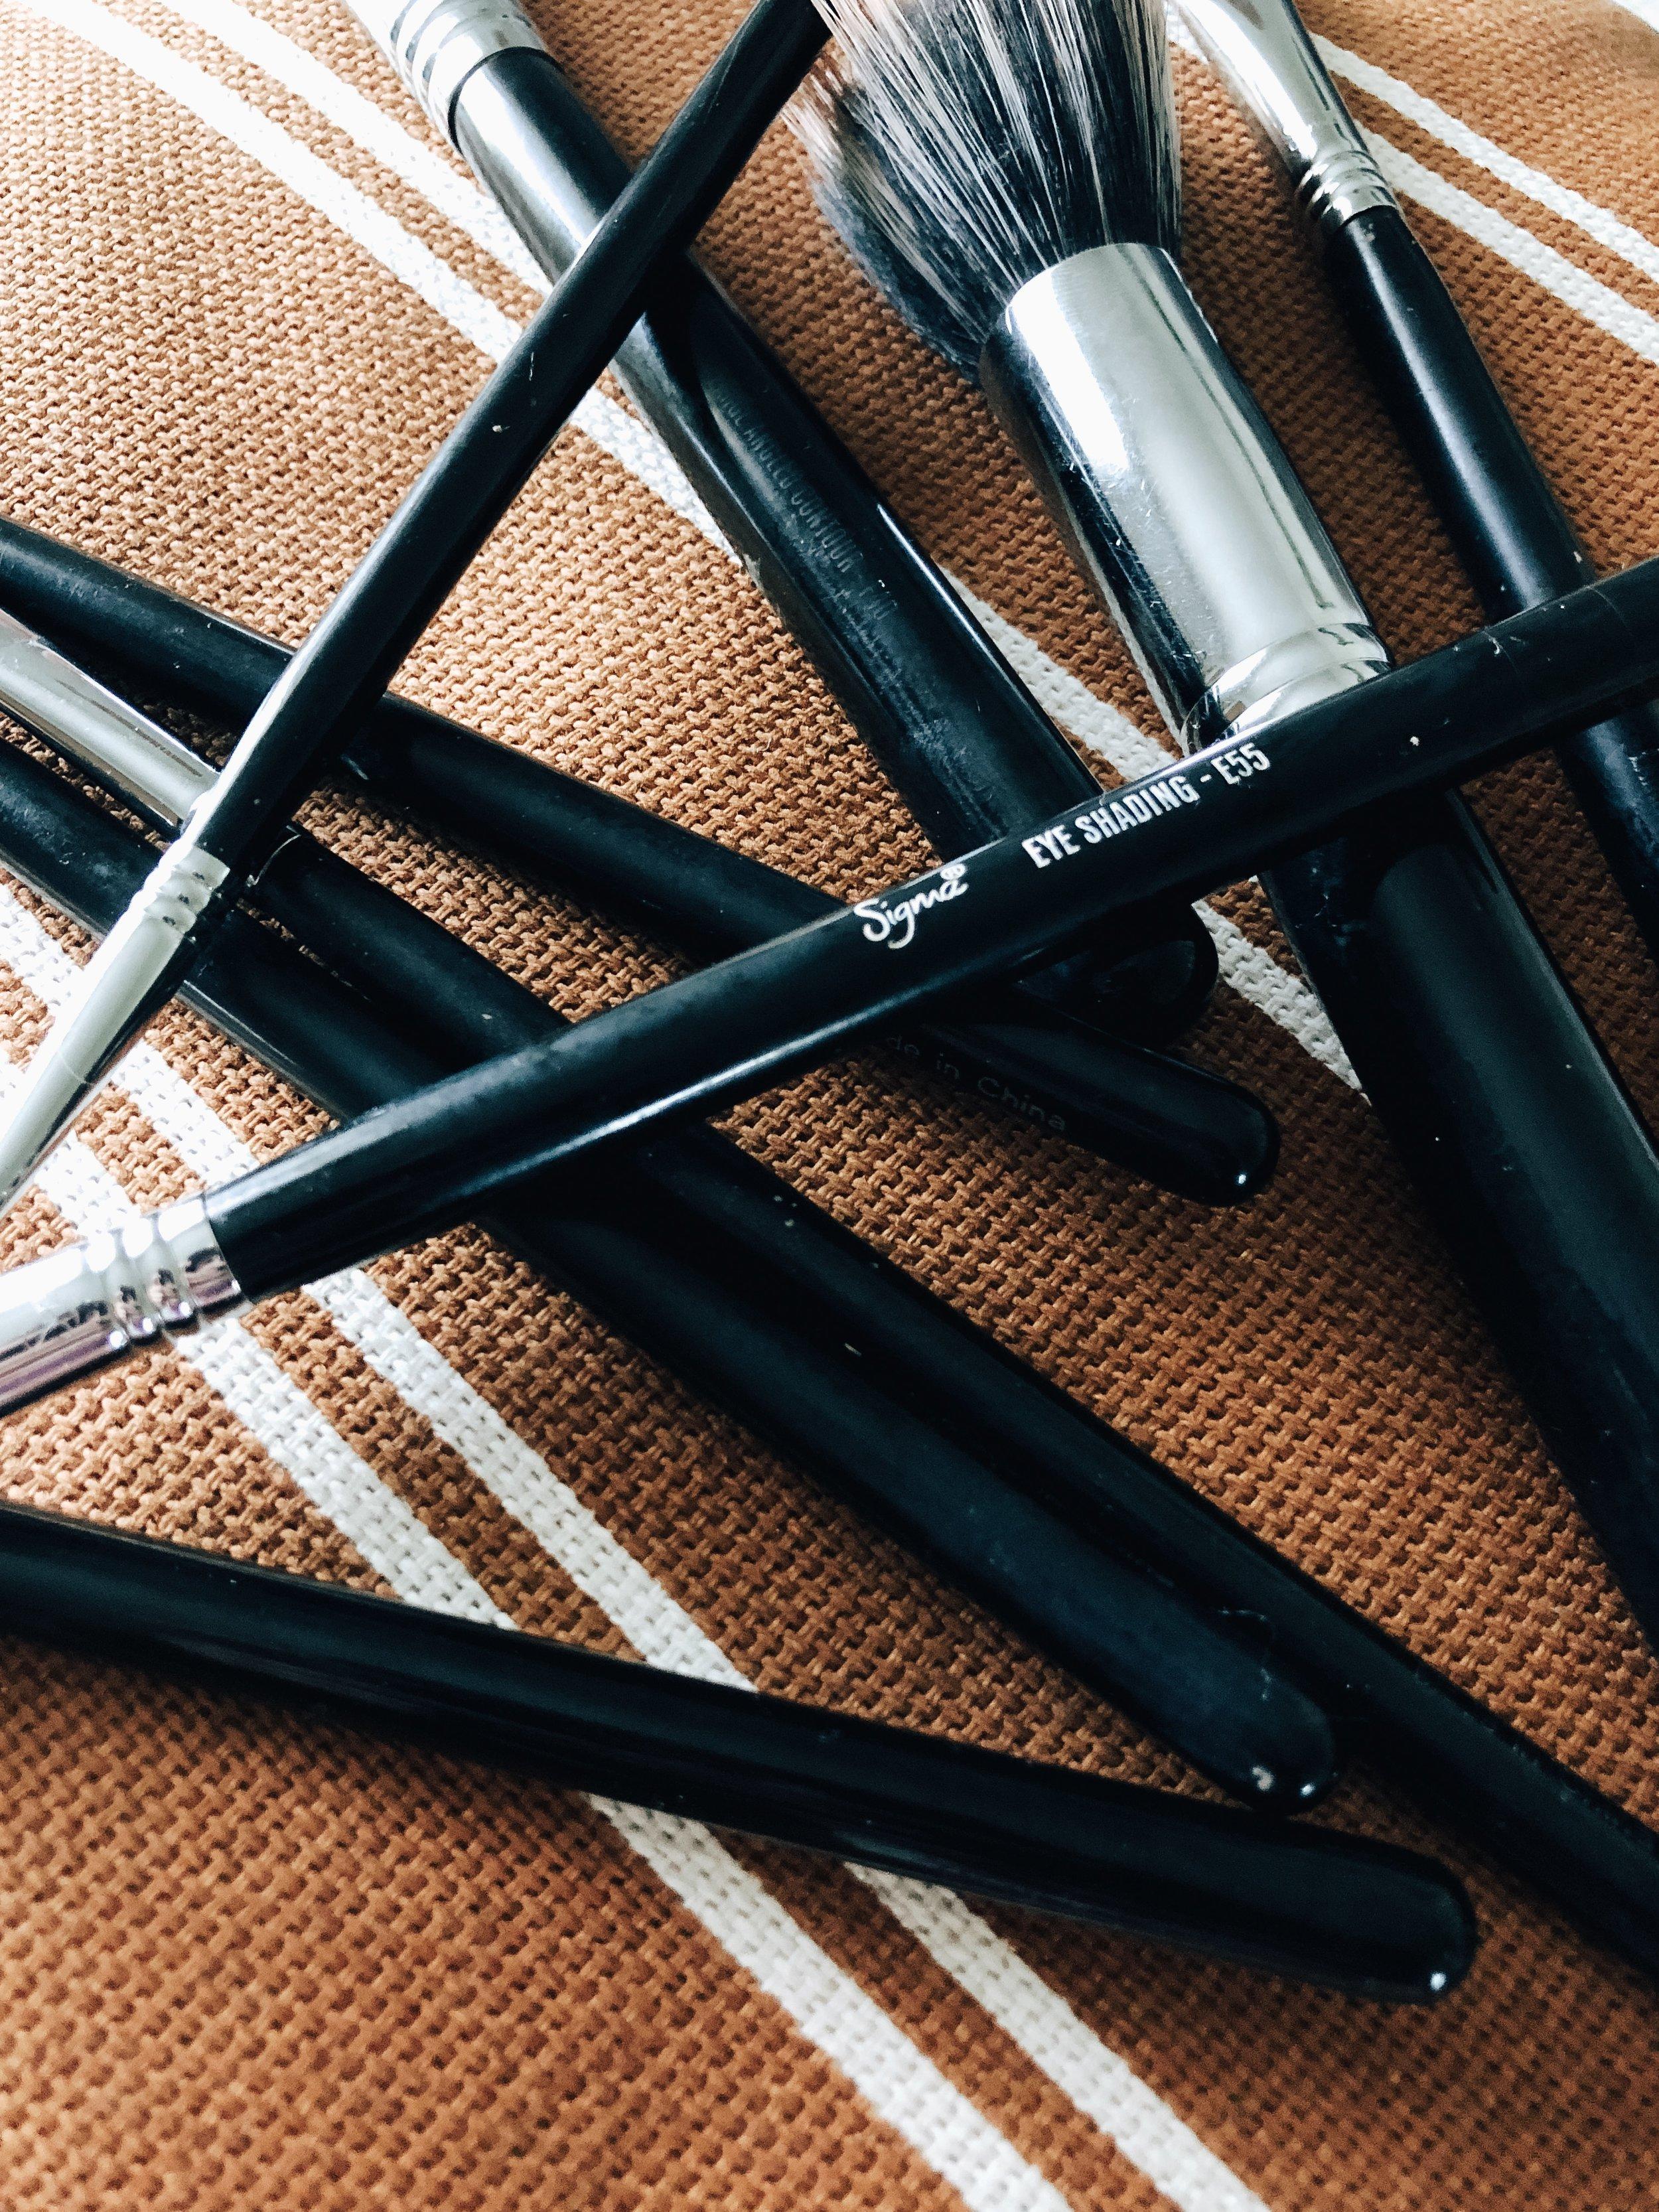 sigma-makeup-brushes-black.jpg